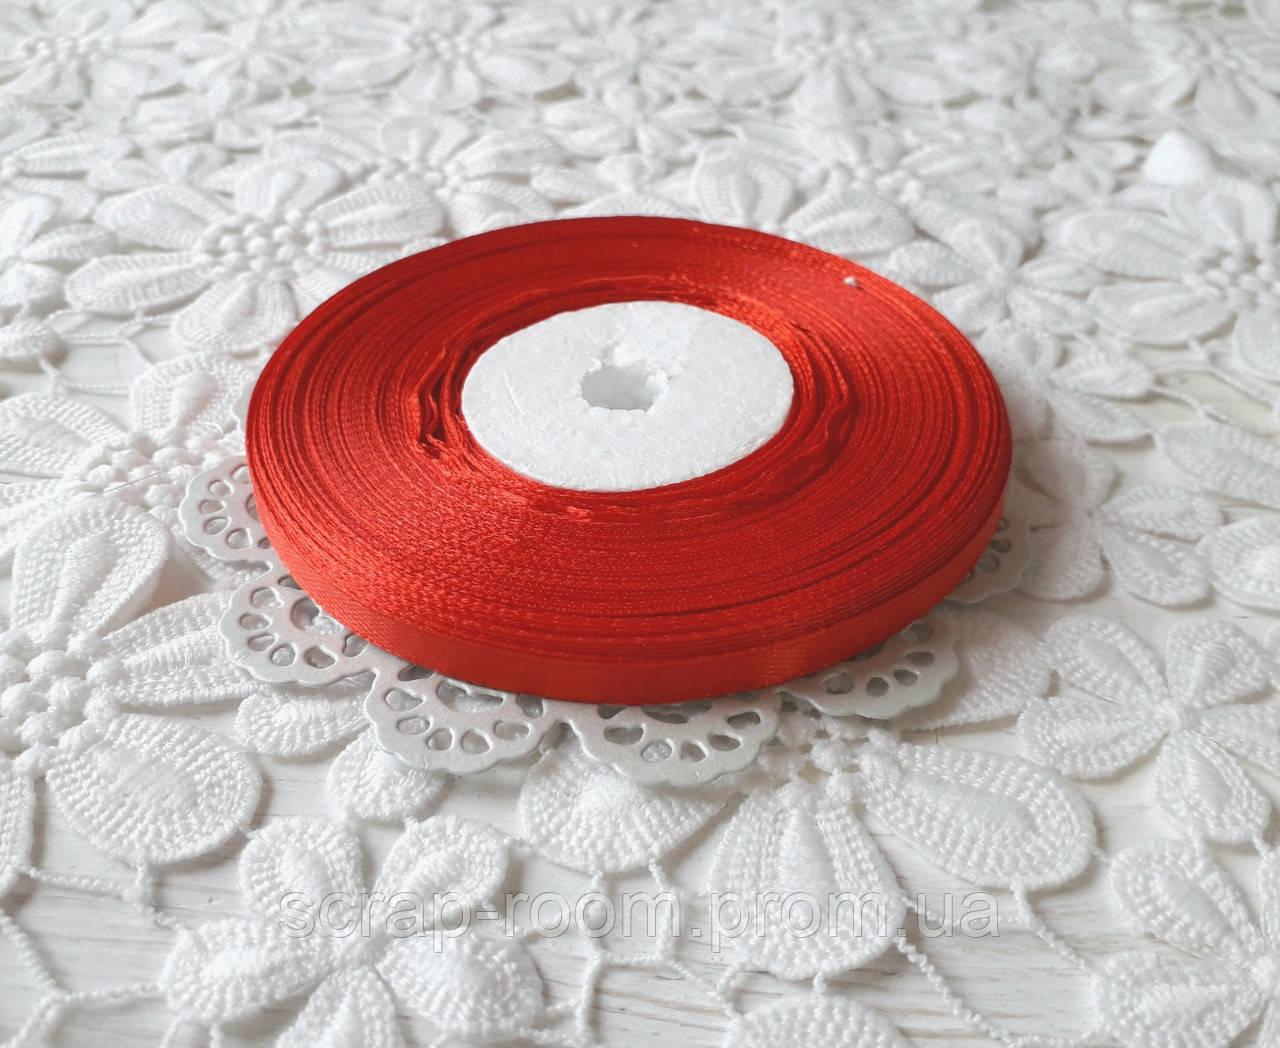 Лента атласная 0,6 см красная, лента красная атлас, лента атласная цвет красный, красная лента, цена за метр